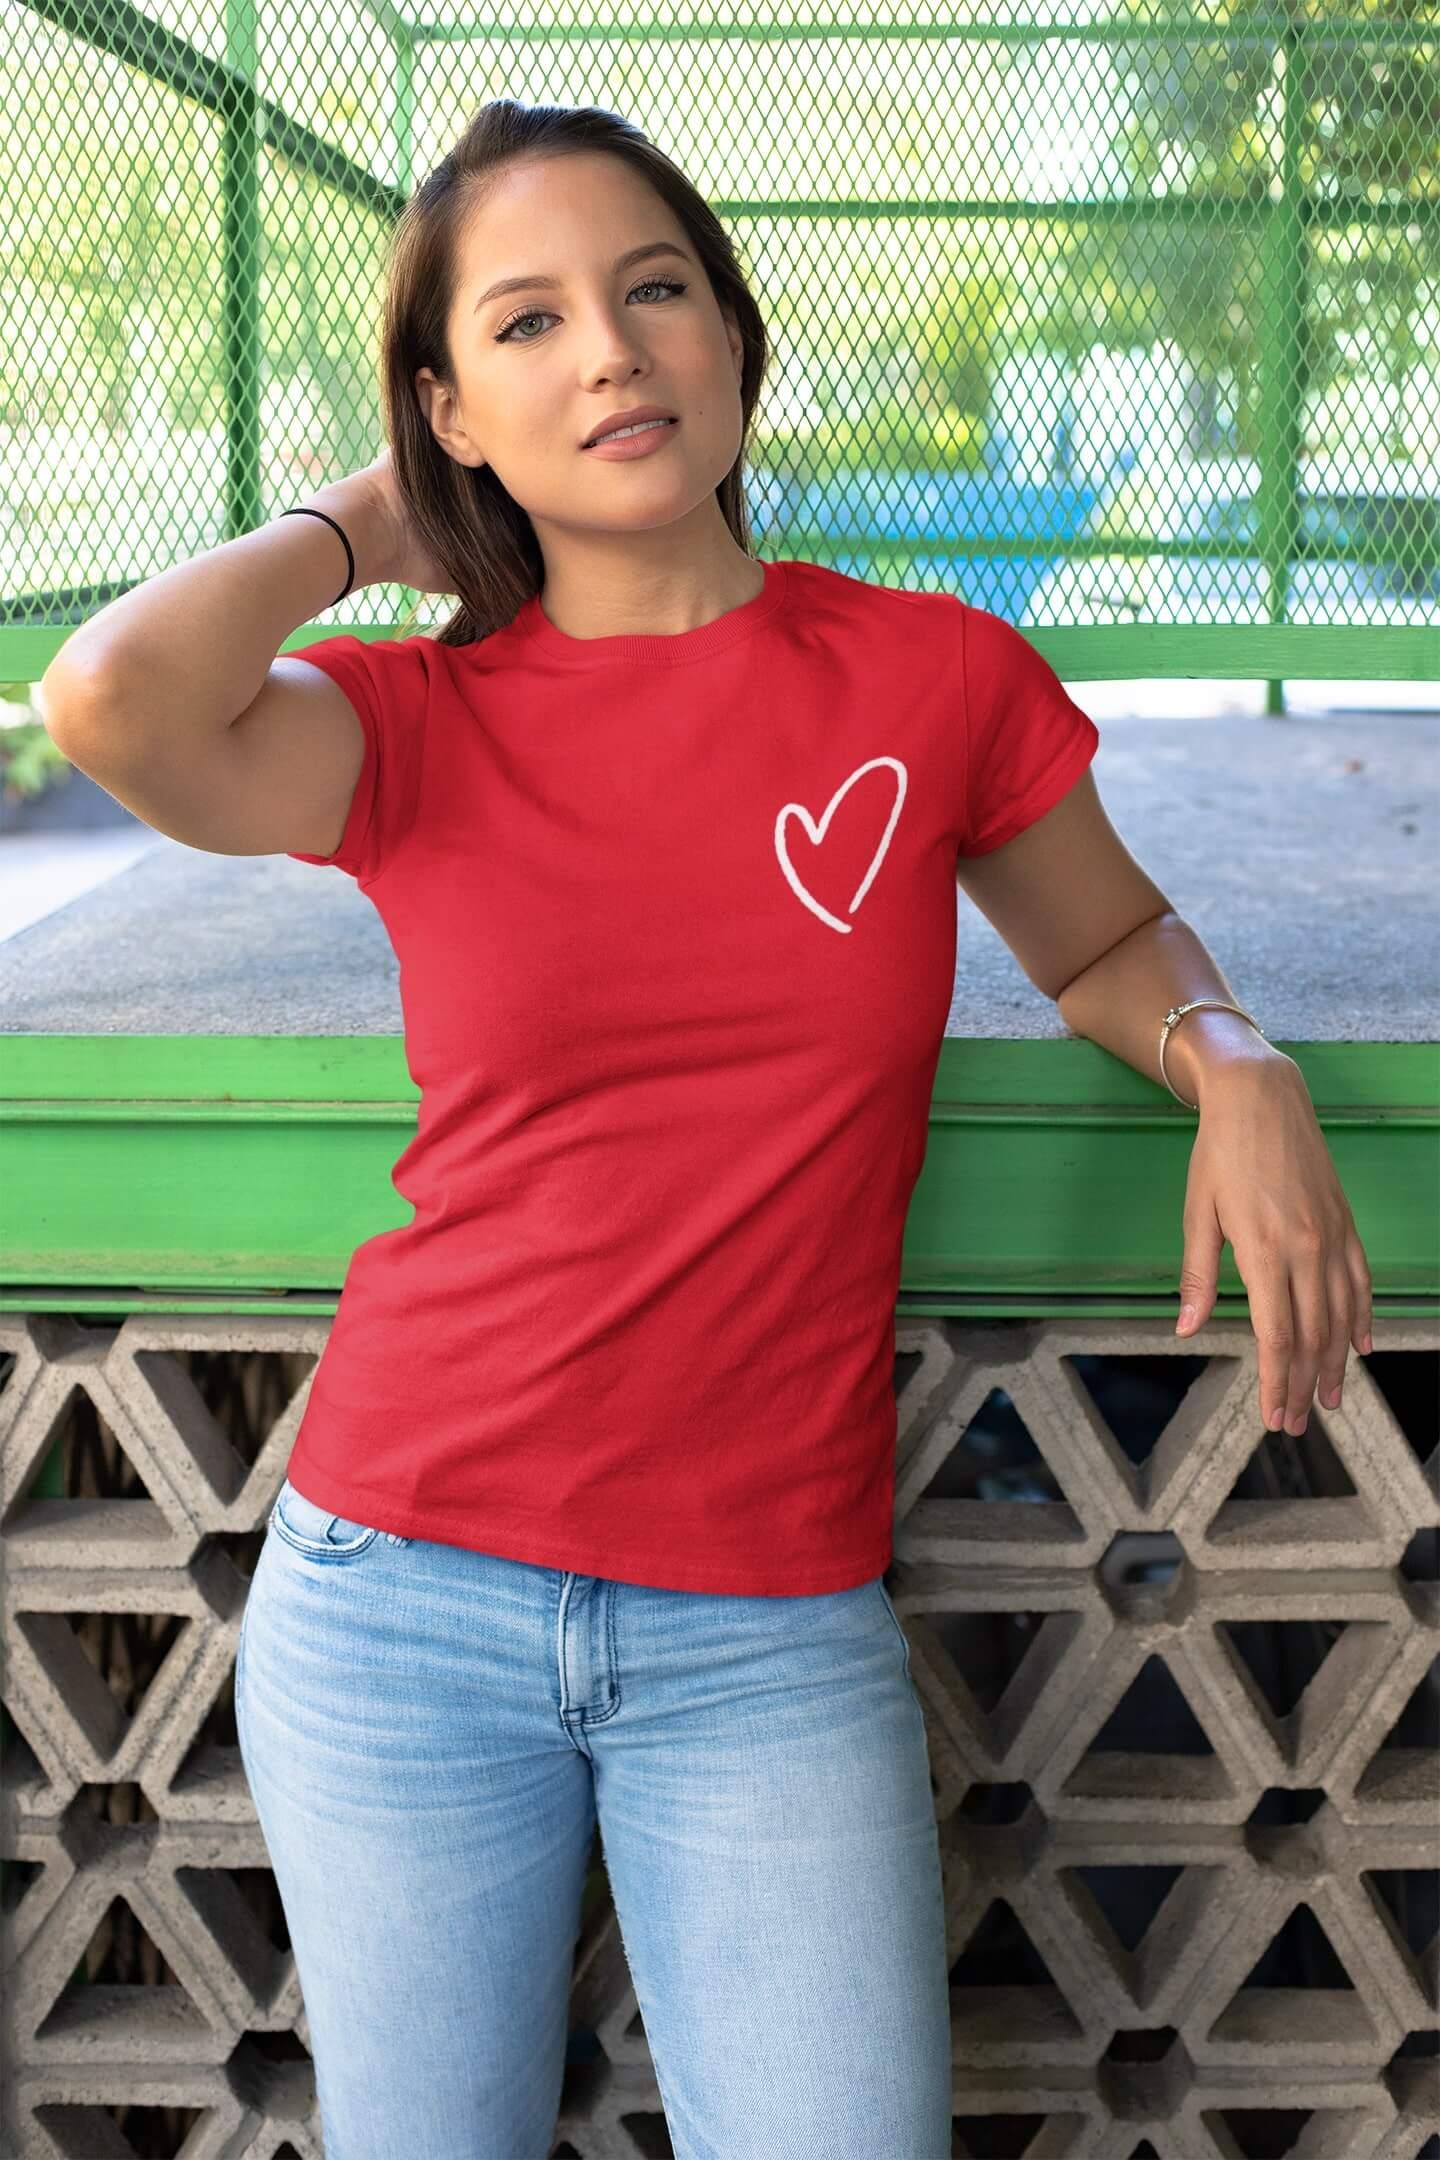 MMO Dámske tričko Srdce Vyberte farbu: Červená, Dámska veľkosť: M